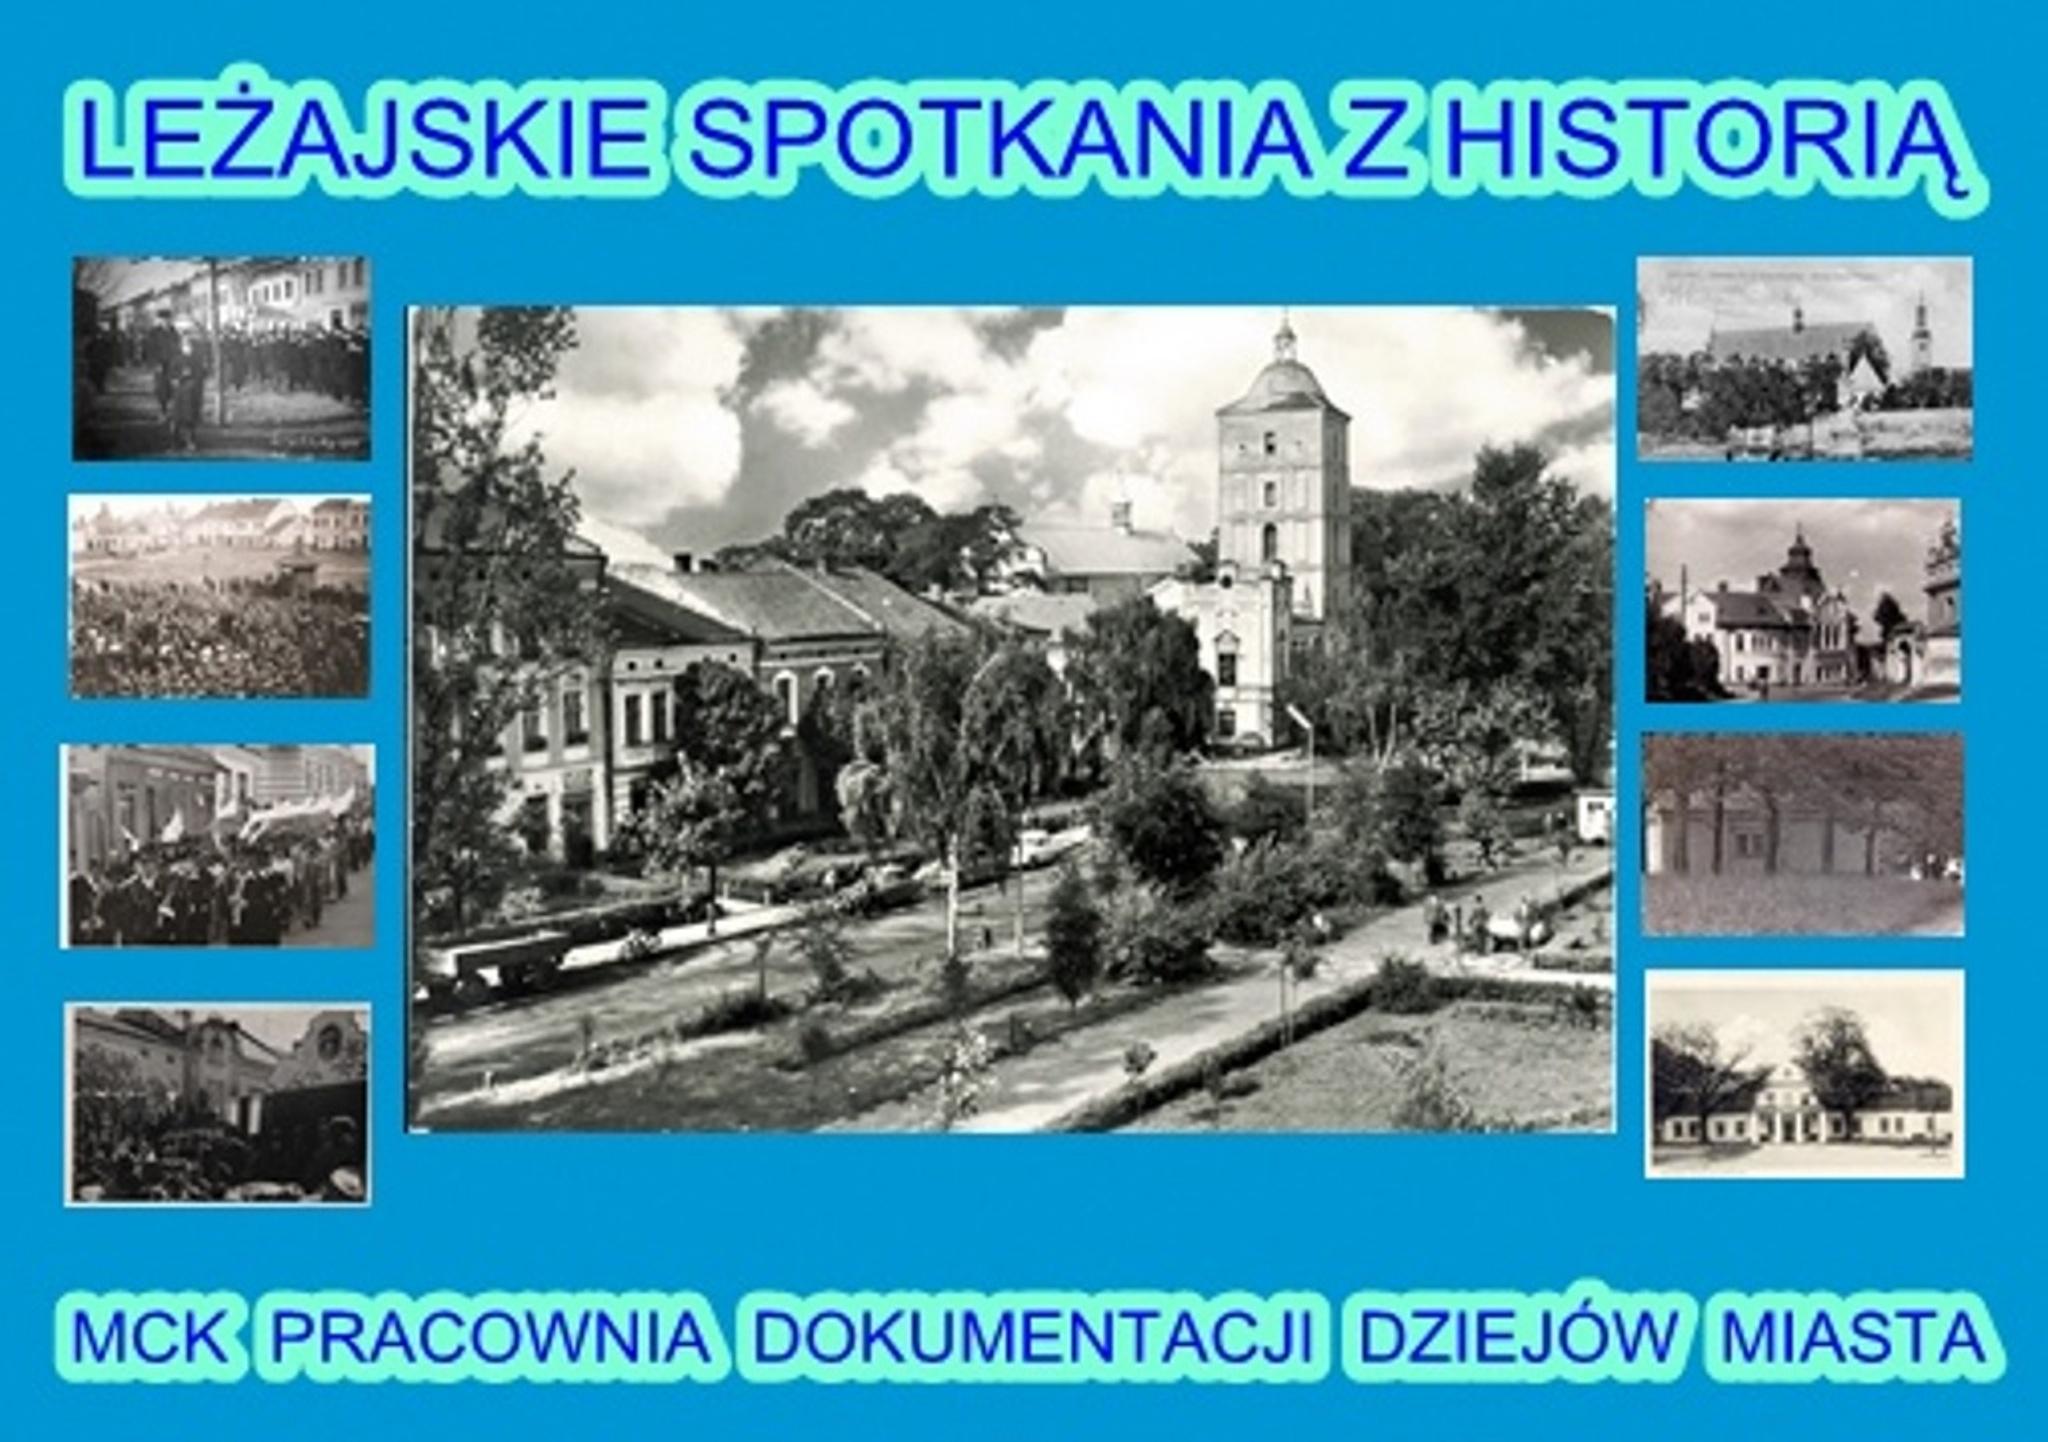 Pracownia Dokumentacji Dziejów Miasta zaprasza na spotkania